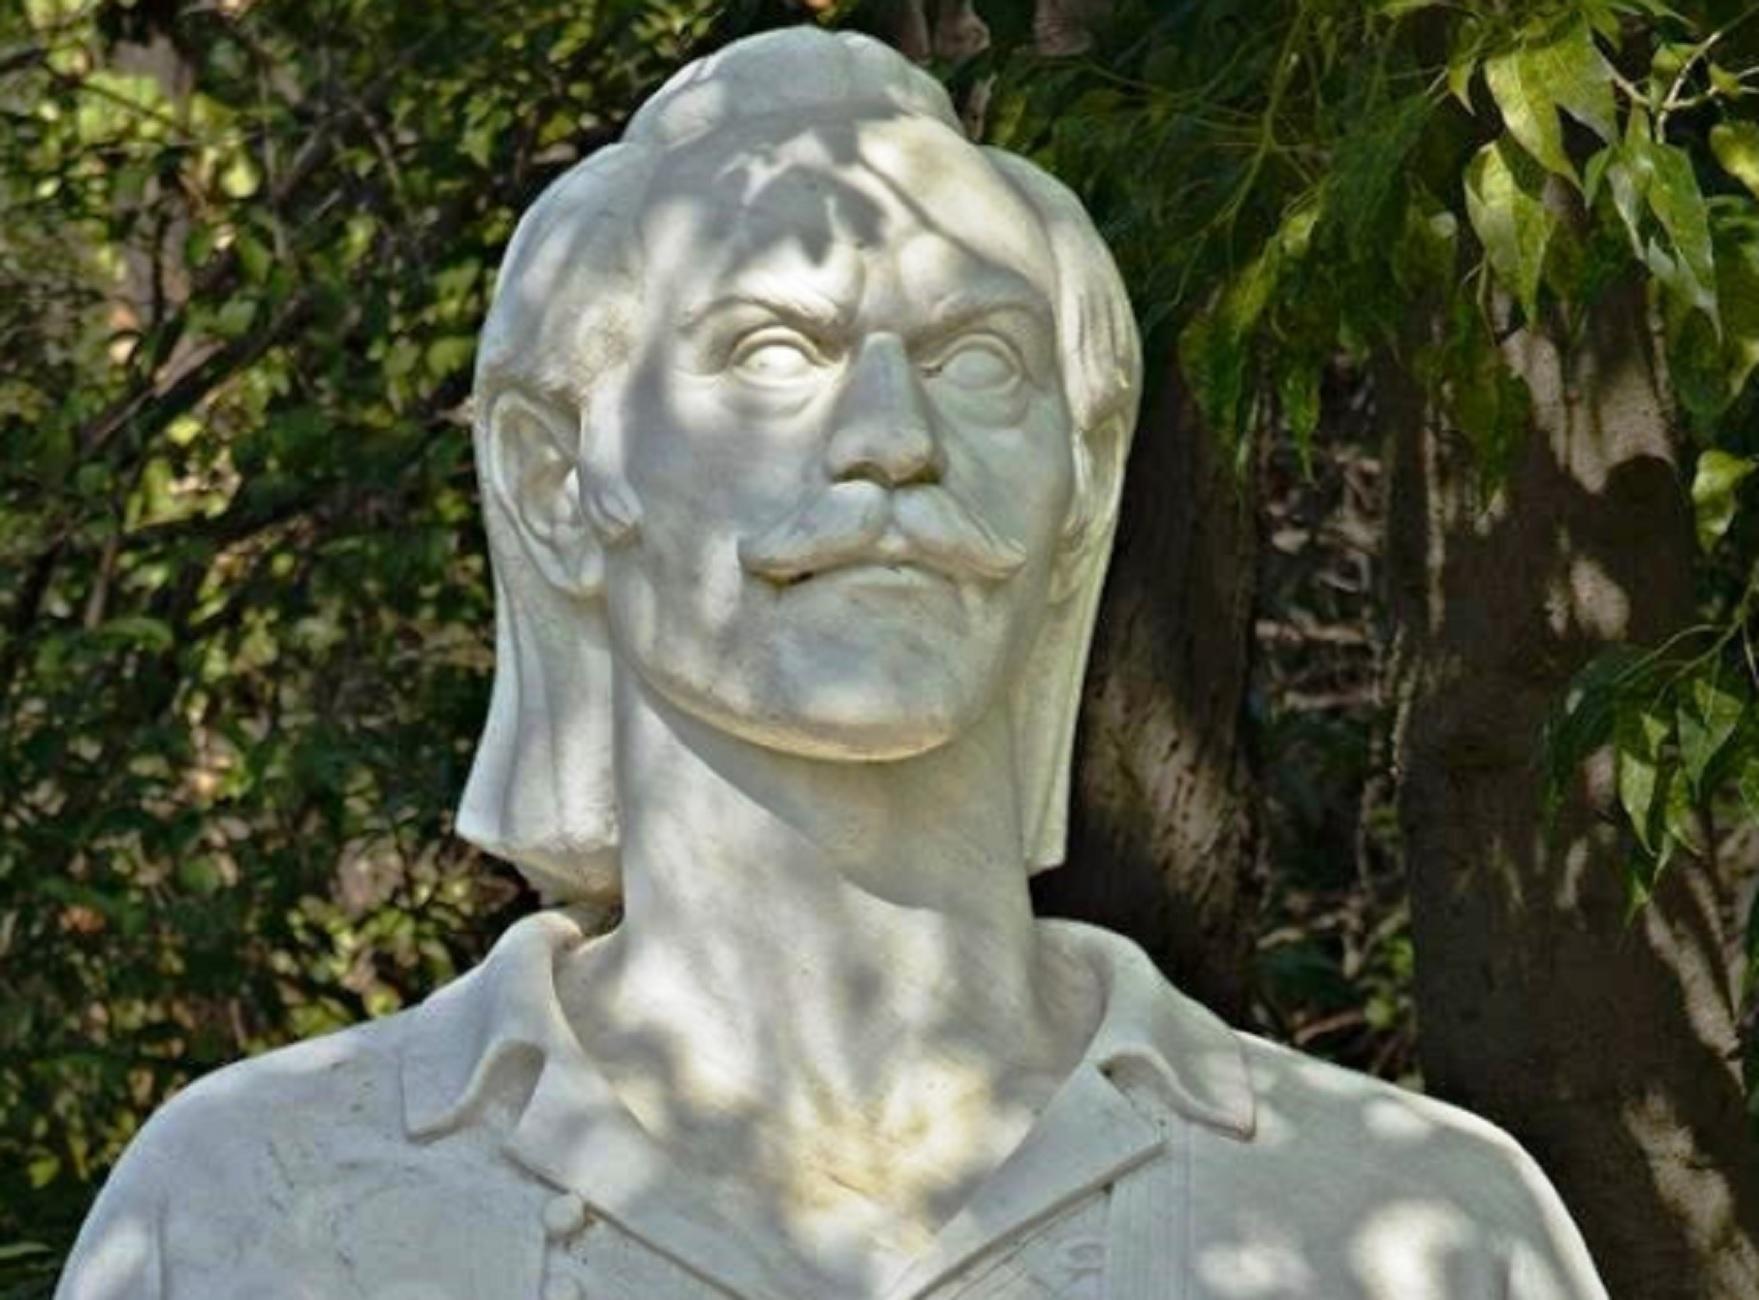 Σέρρες: Συνεργασία δήμων για να τιμηθεί η προσφορά του αγωνιστή του 1821 Εμμανουήλ Παππά